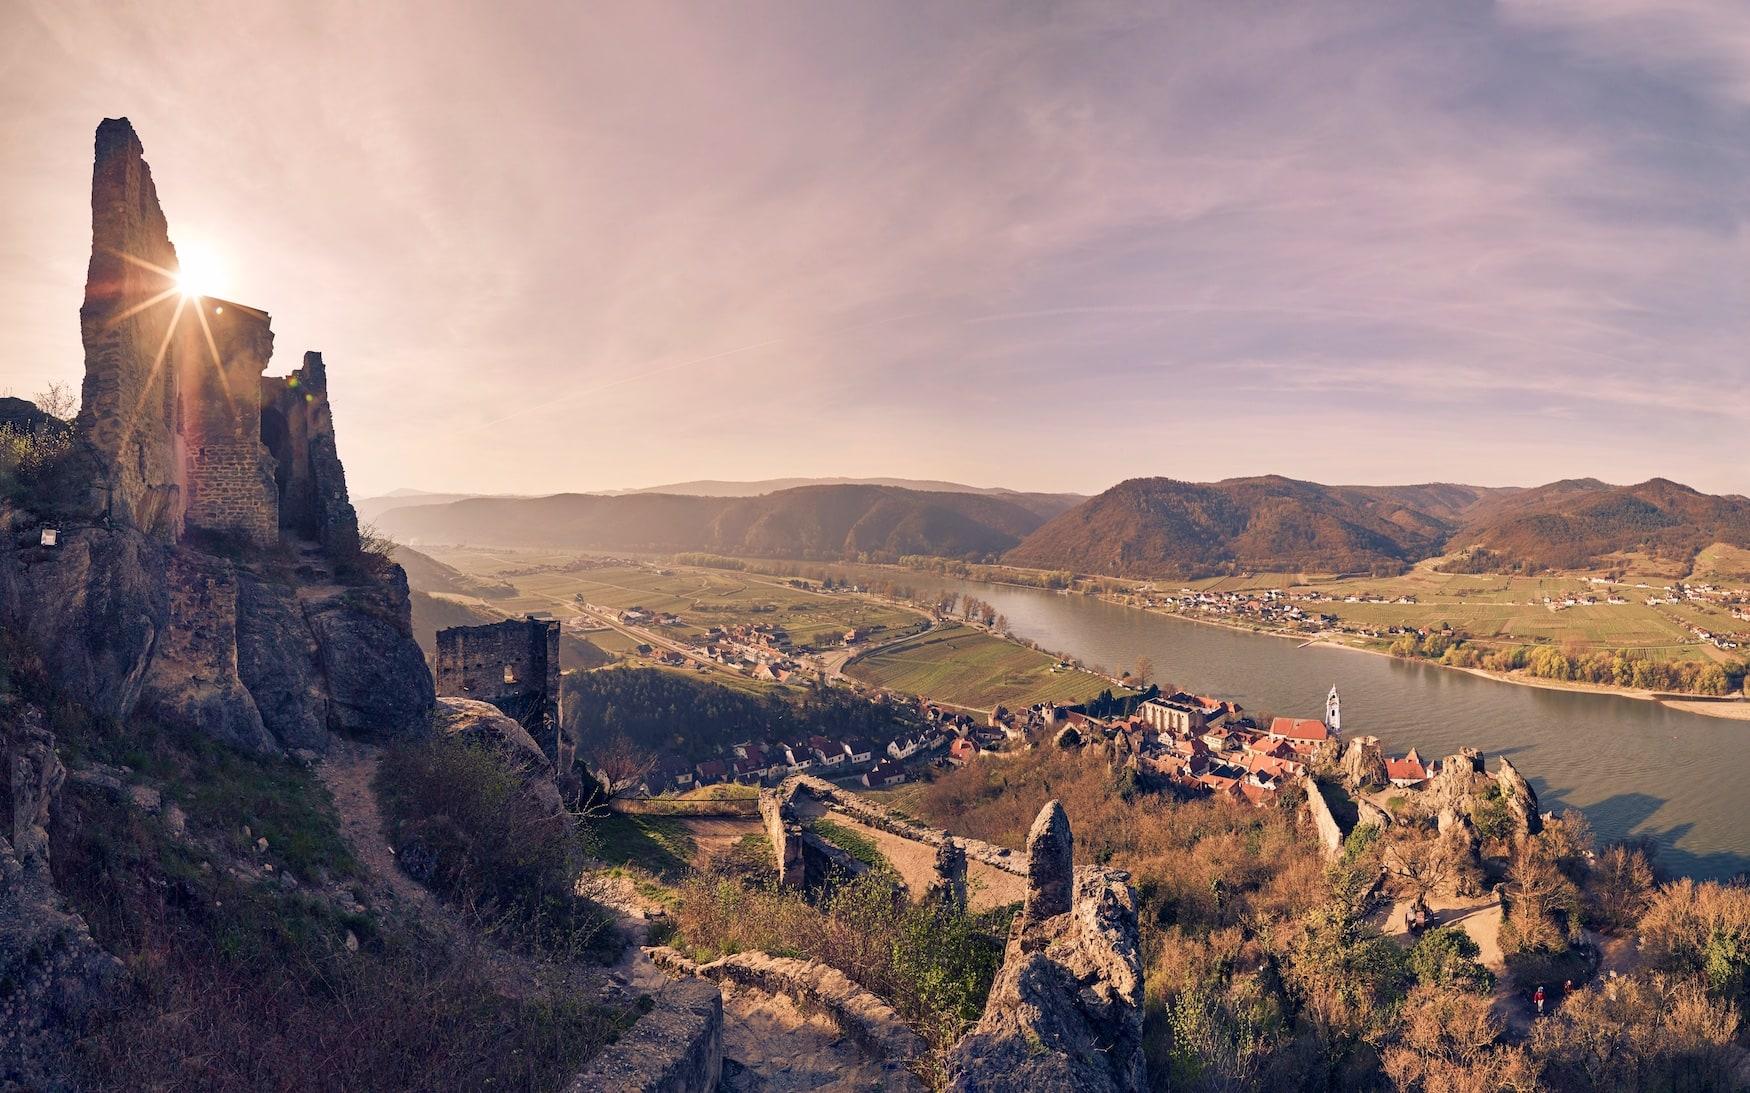 Dürnstein-Ruine bei Wachau während Sonnenuntergang